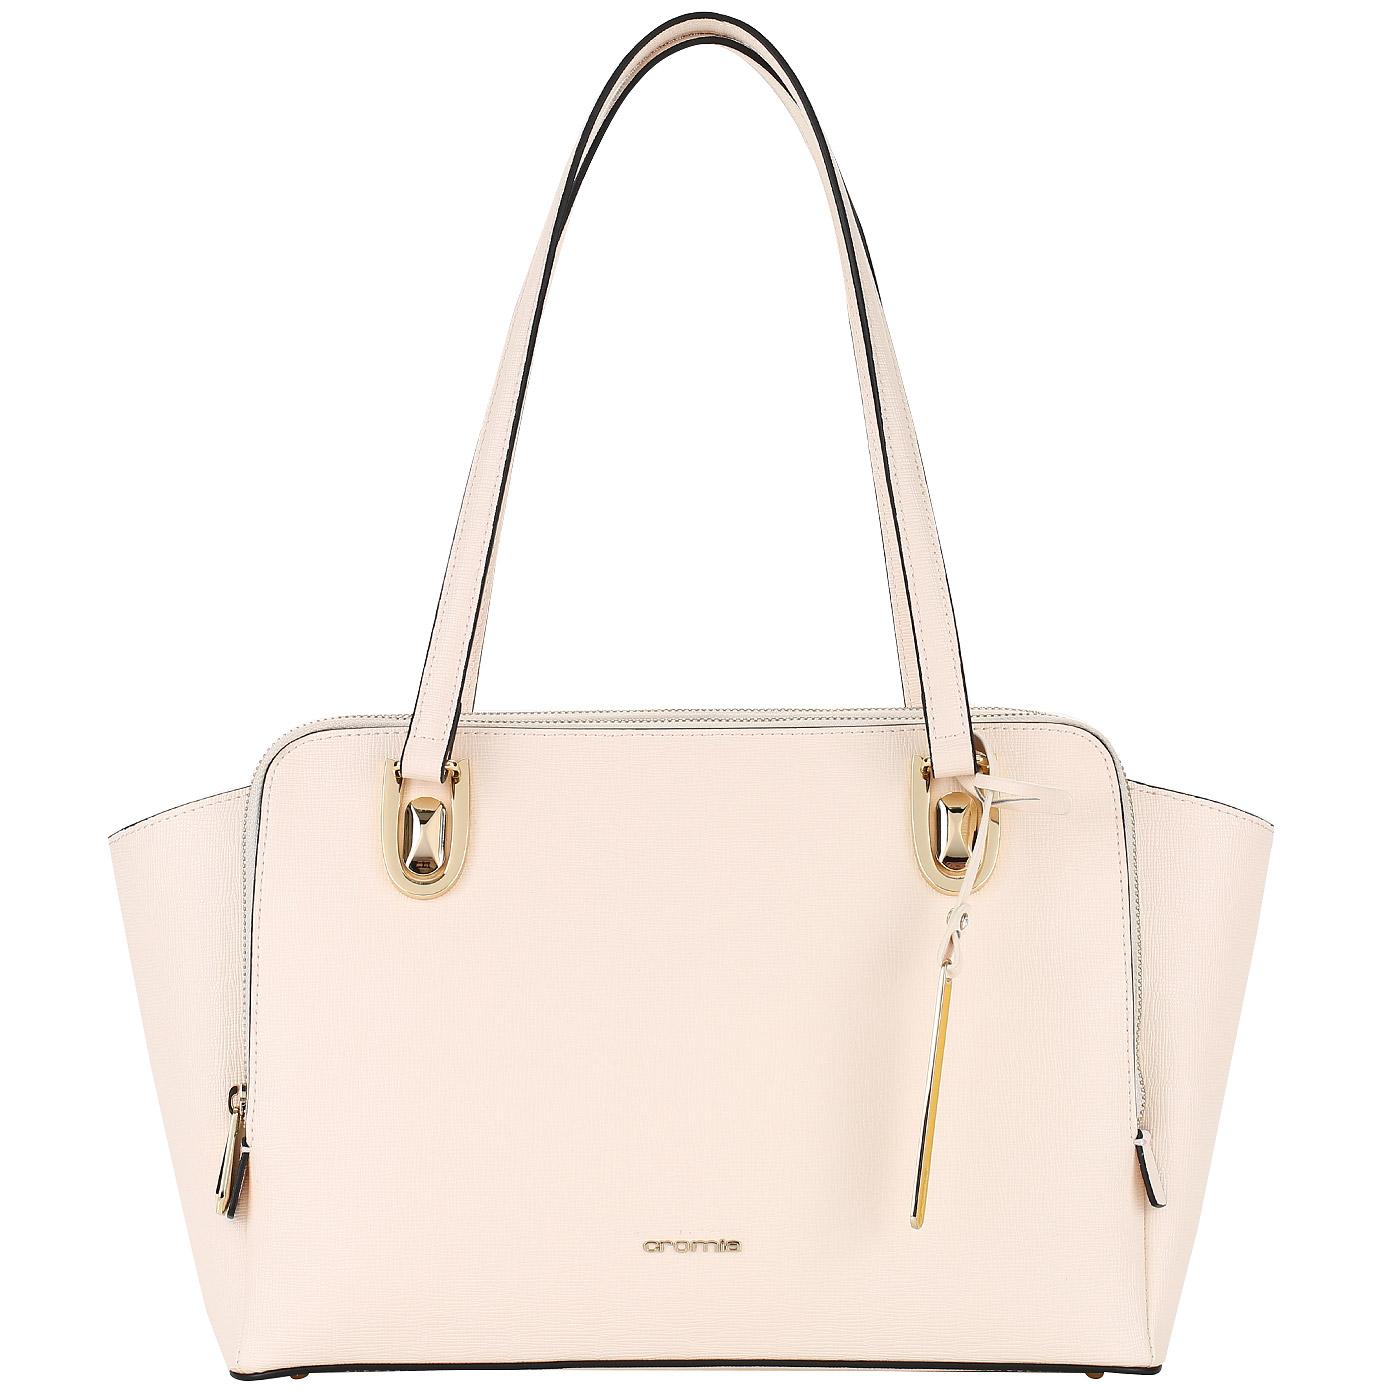 f7c6ca9ddcff Женская сумка с тремя отделами на молнии Cromia Mina 1403630_beige ...